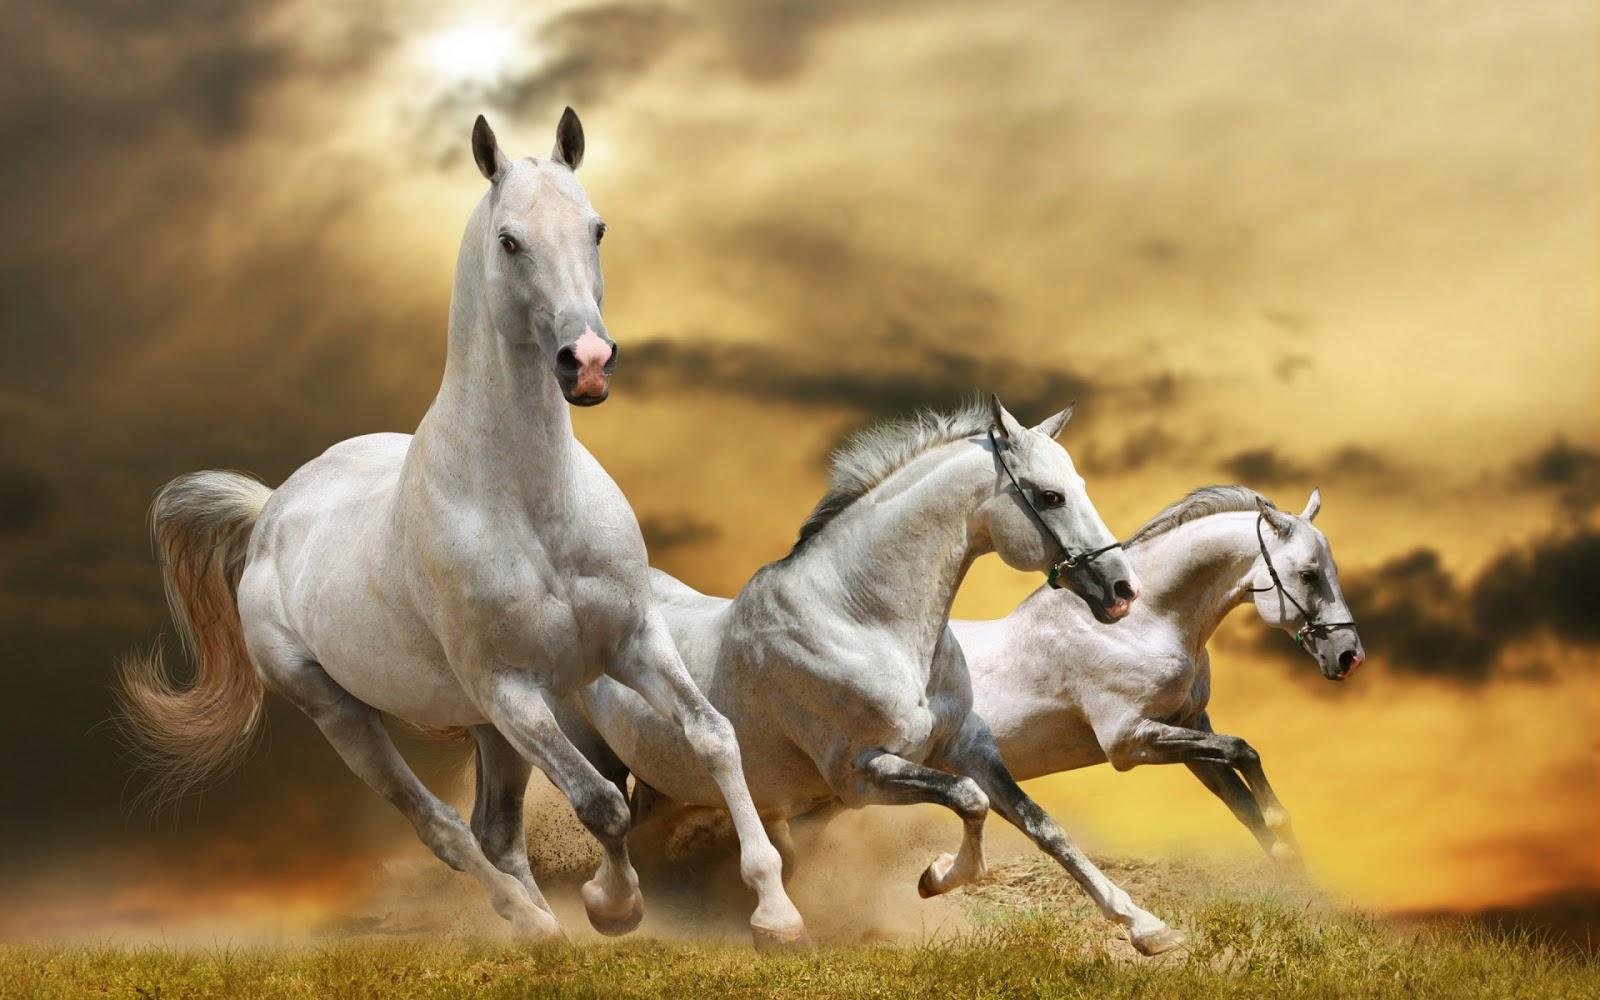 BANCO DE IMÁGENES: Caballos salvajes de color blanco - Wild white horses